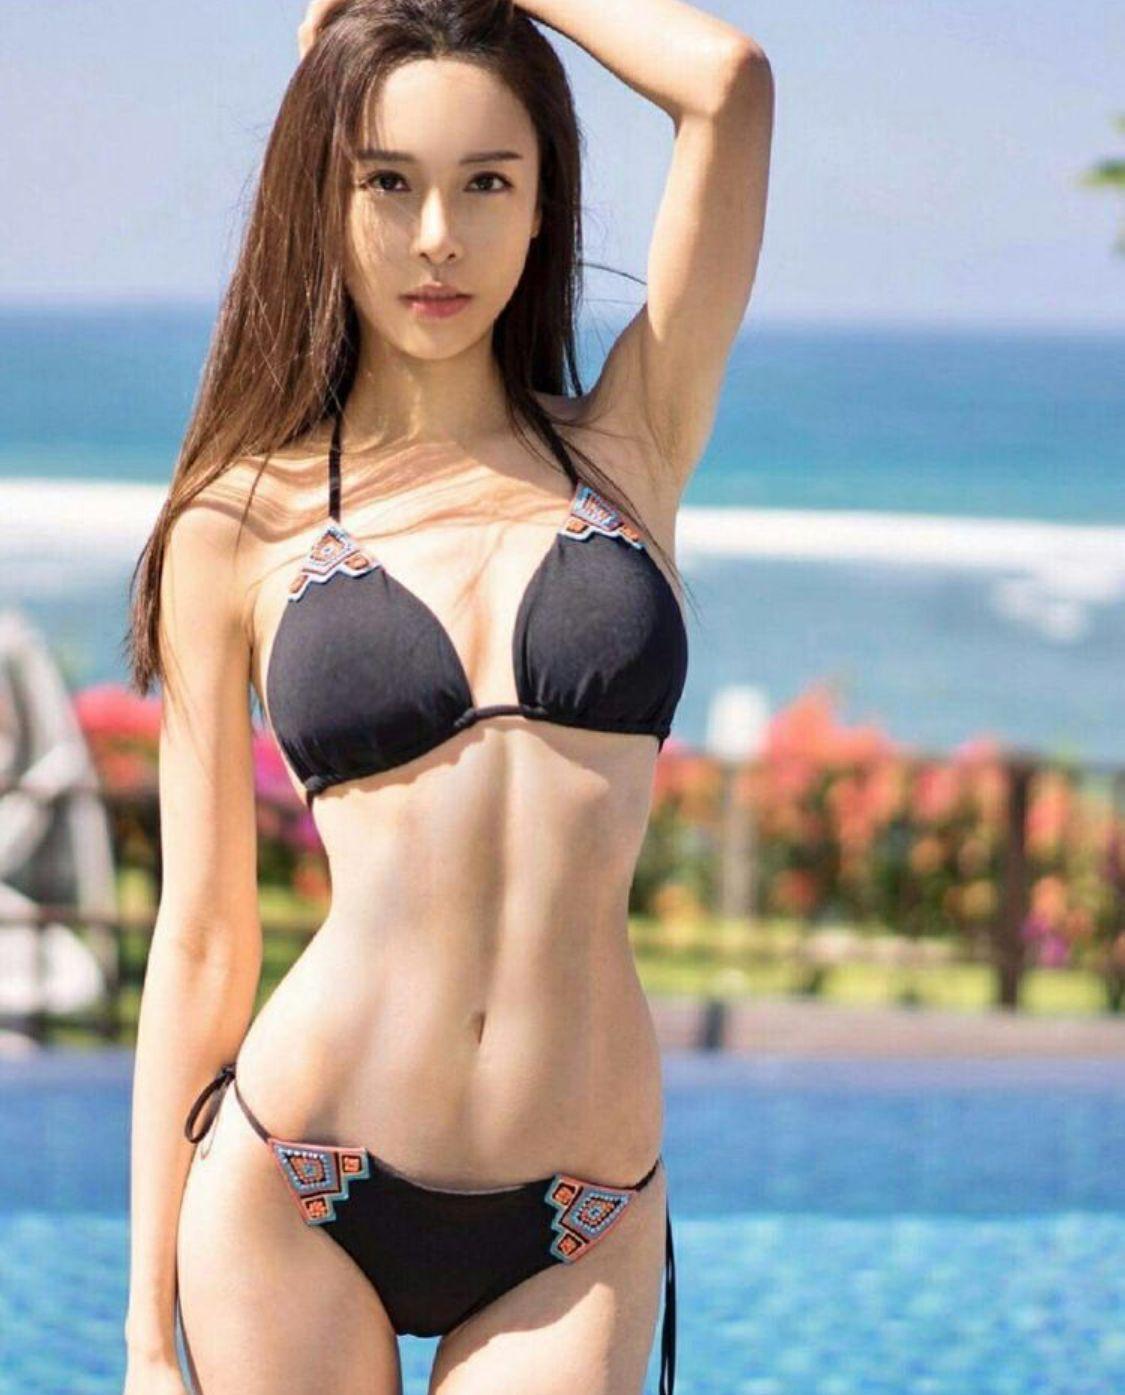 cool curvy woman in bikini